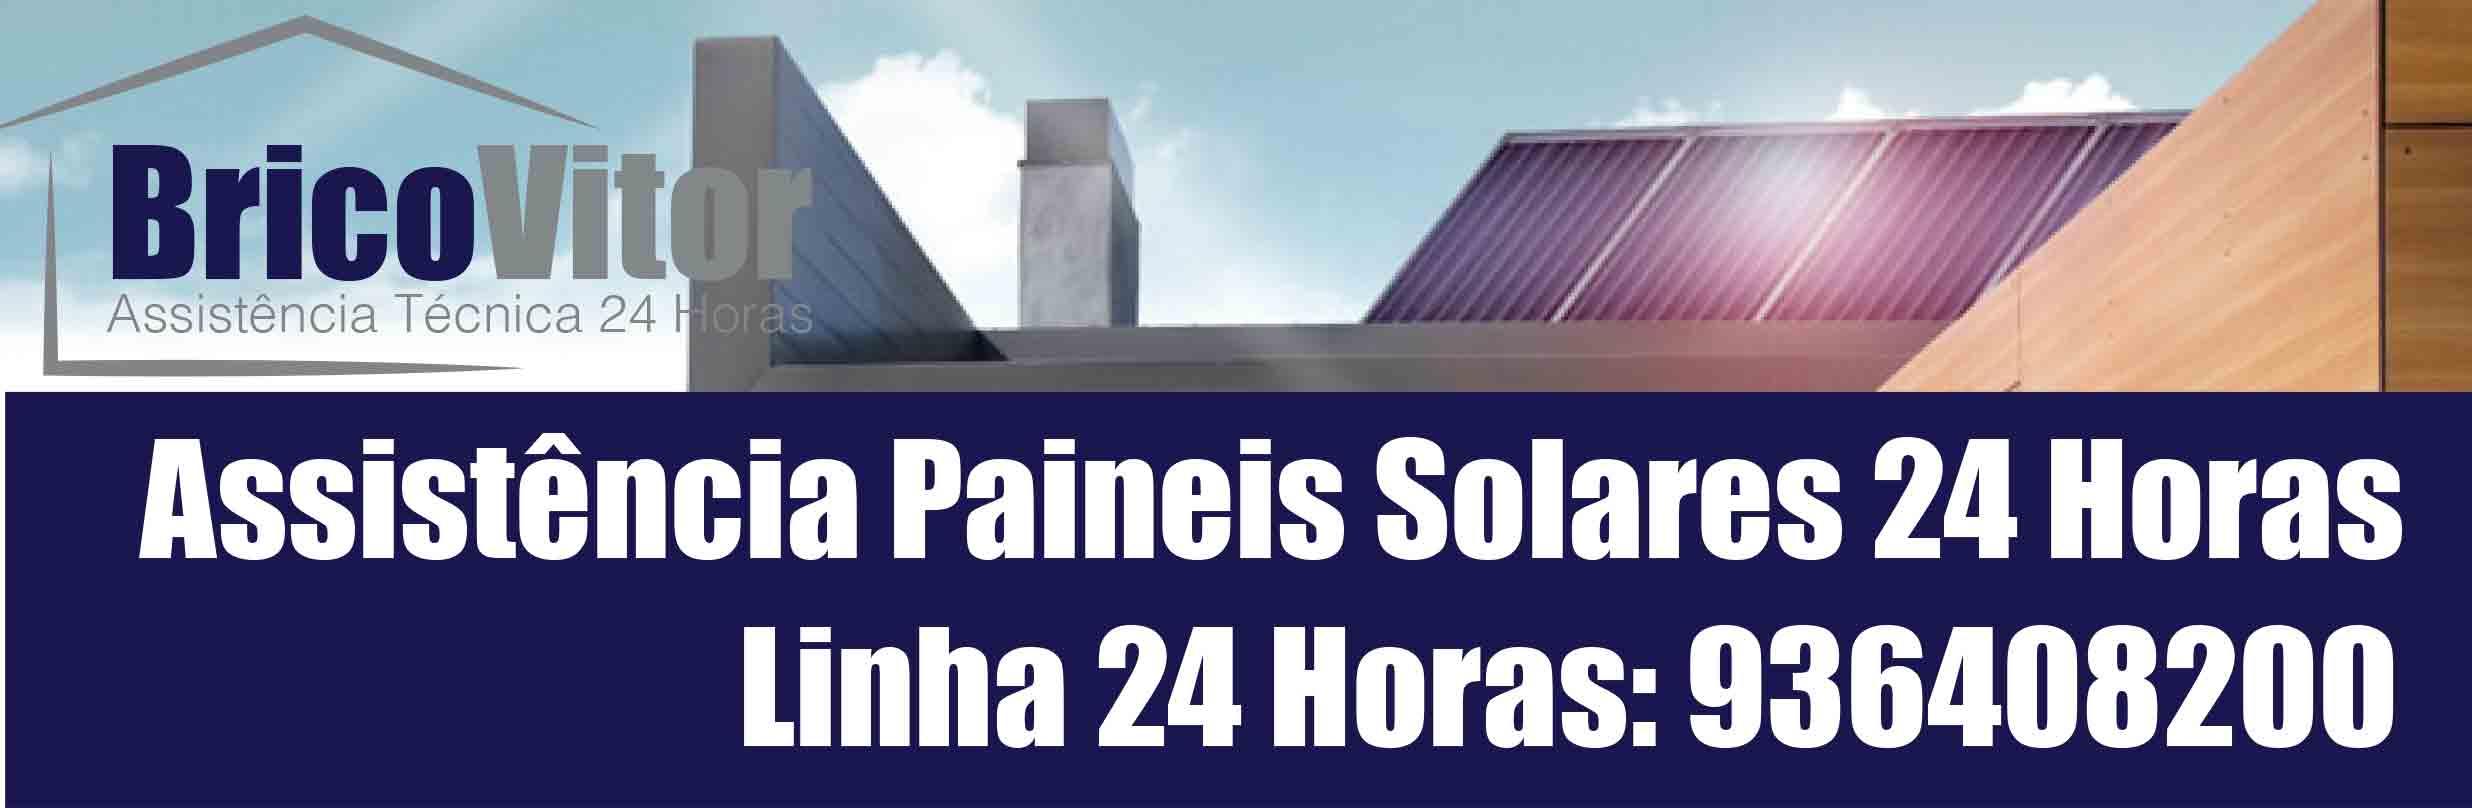 Assistência Reparação e Manutenção de Painéis Solares Paços de Ferreira